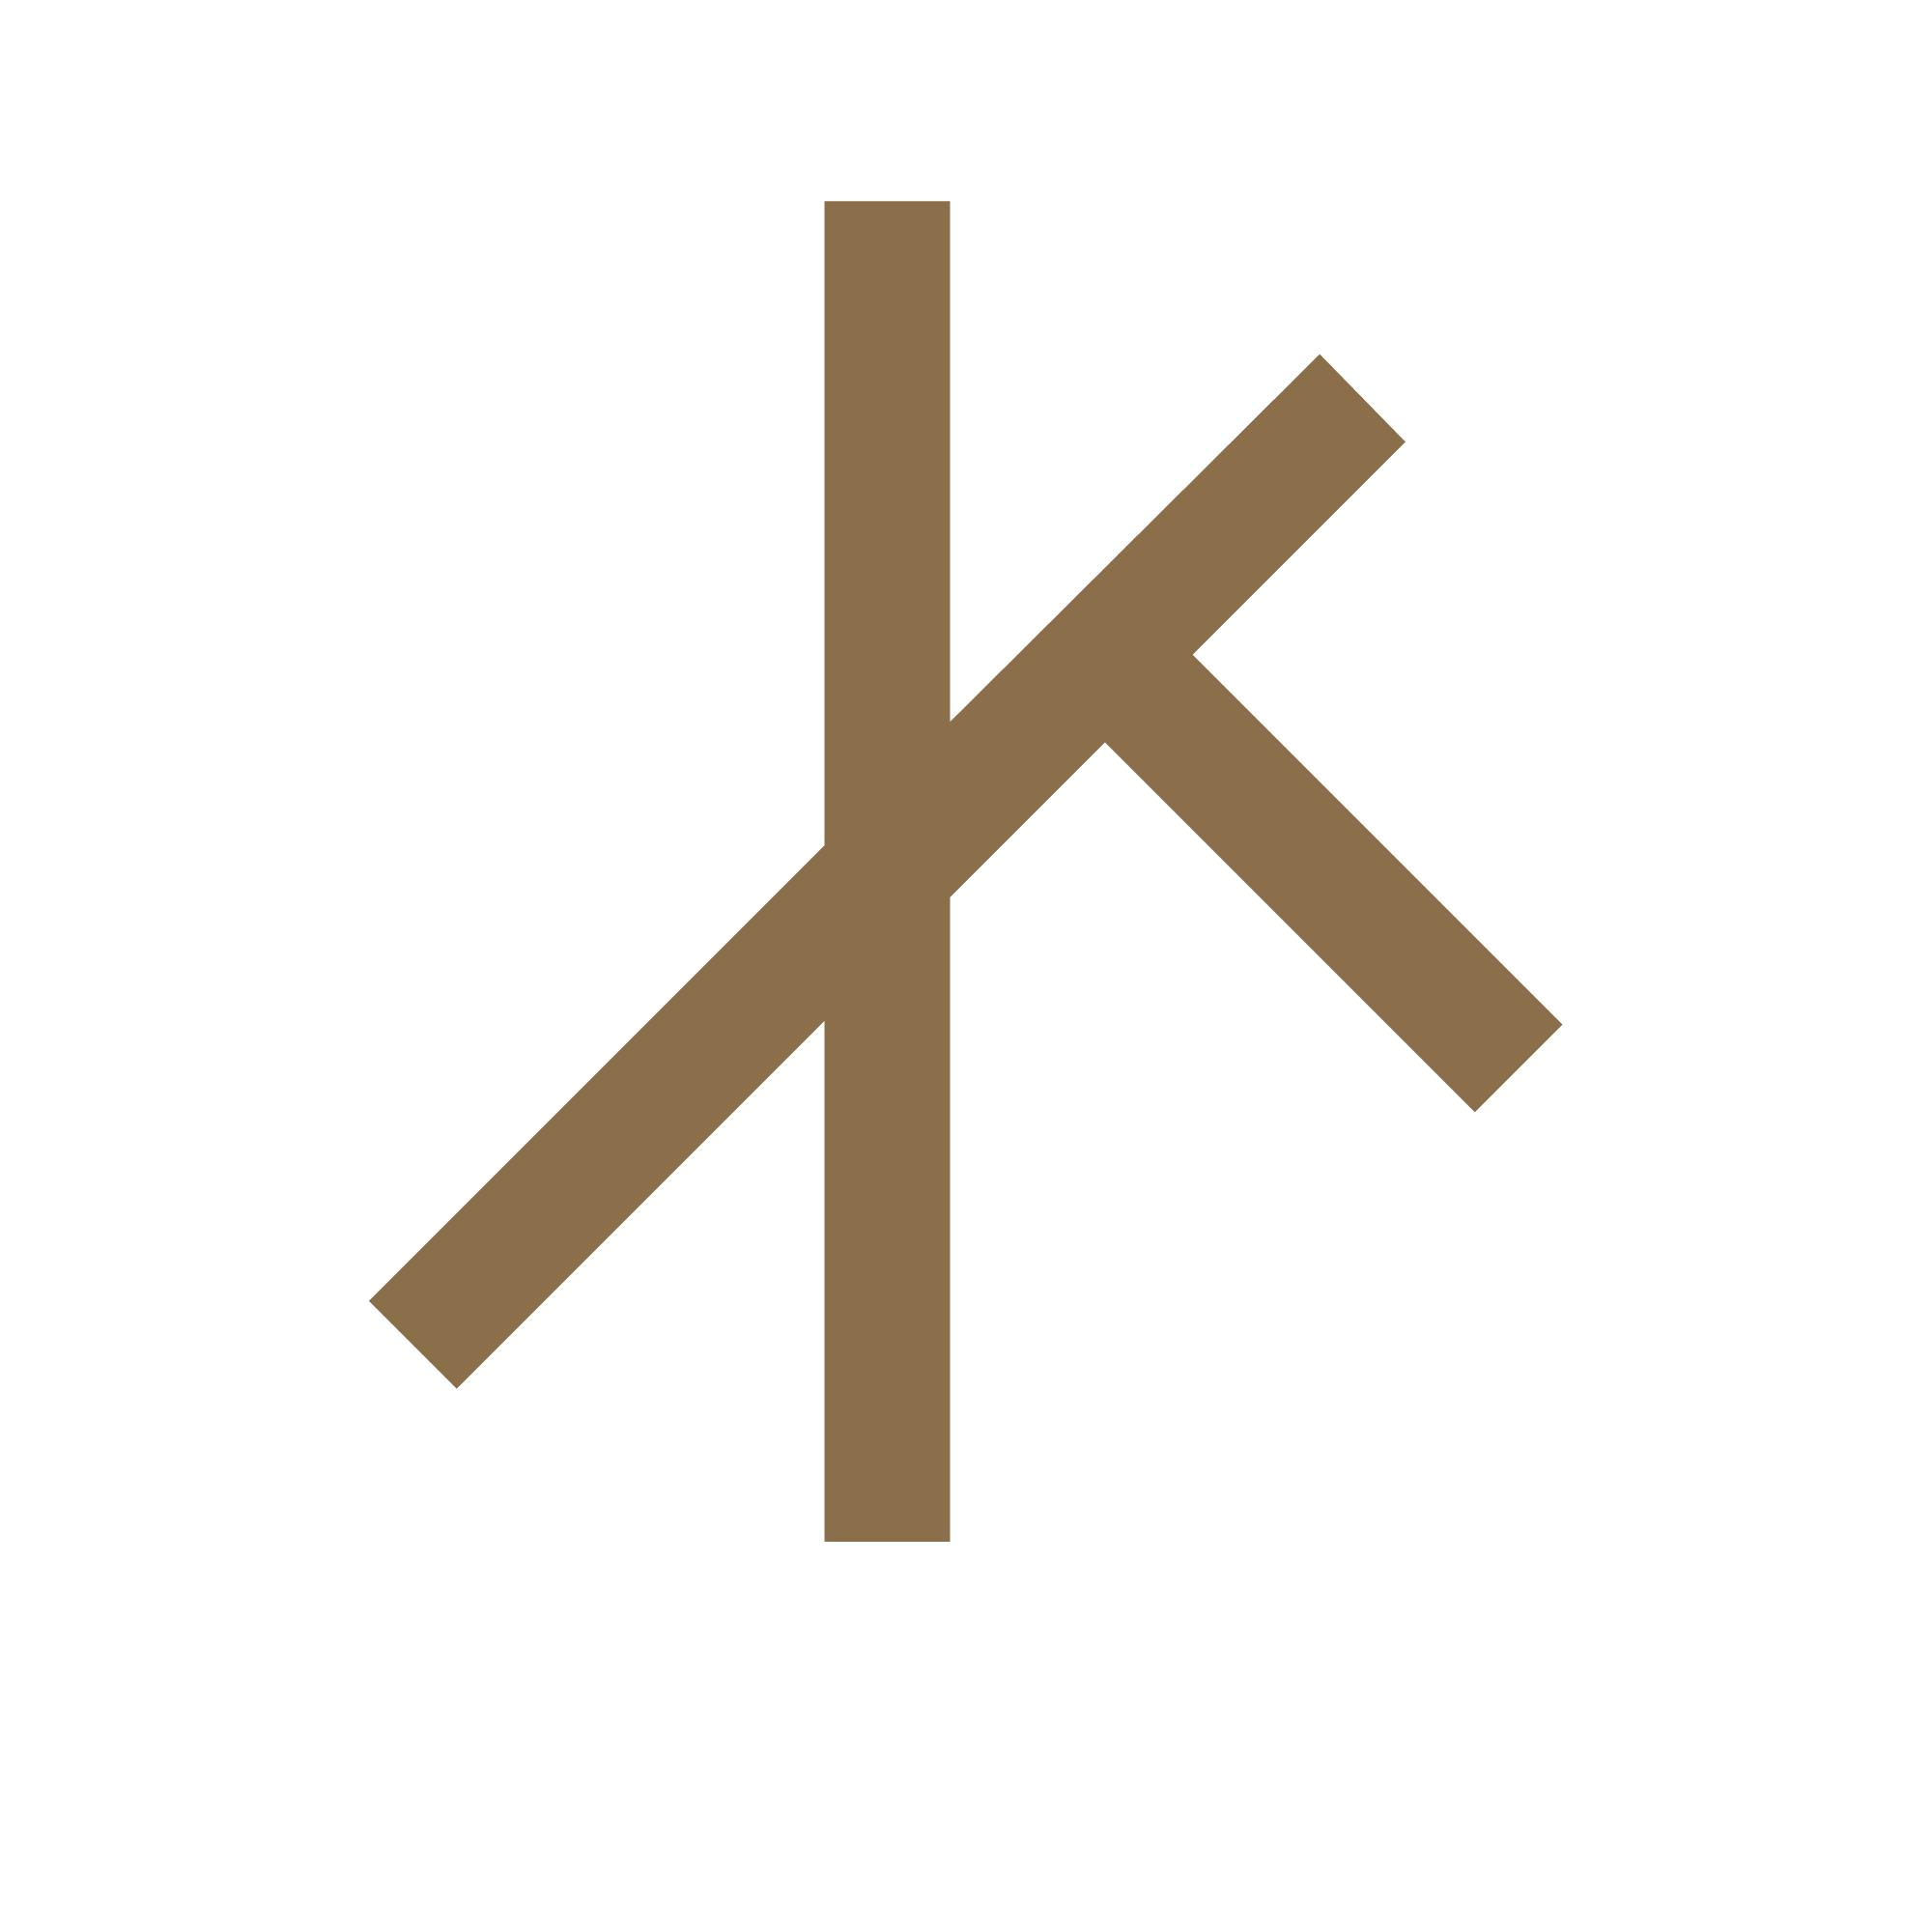 Rustikk-logo